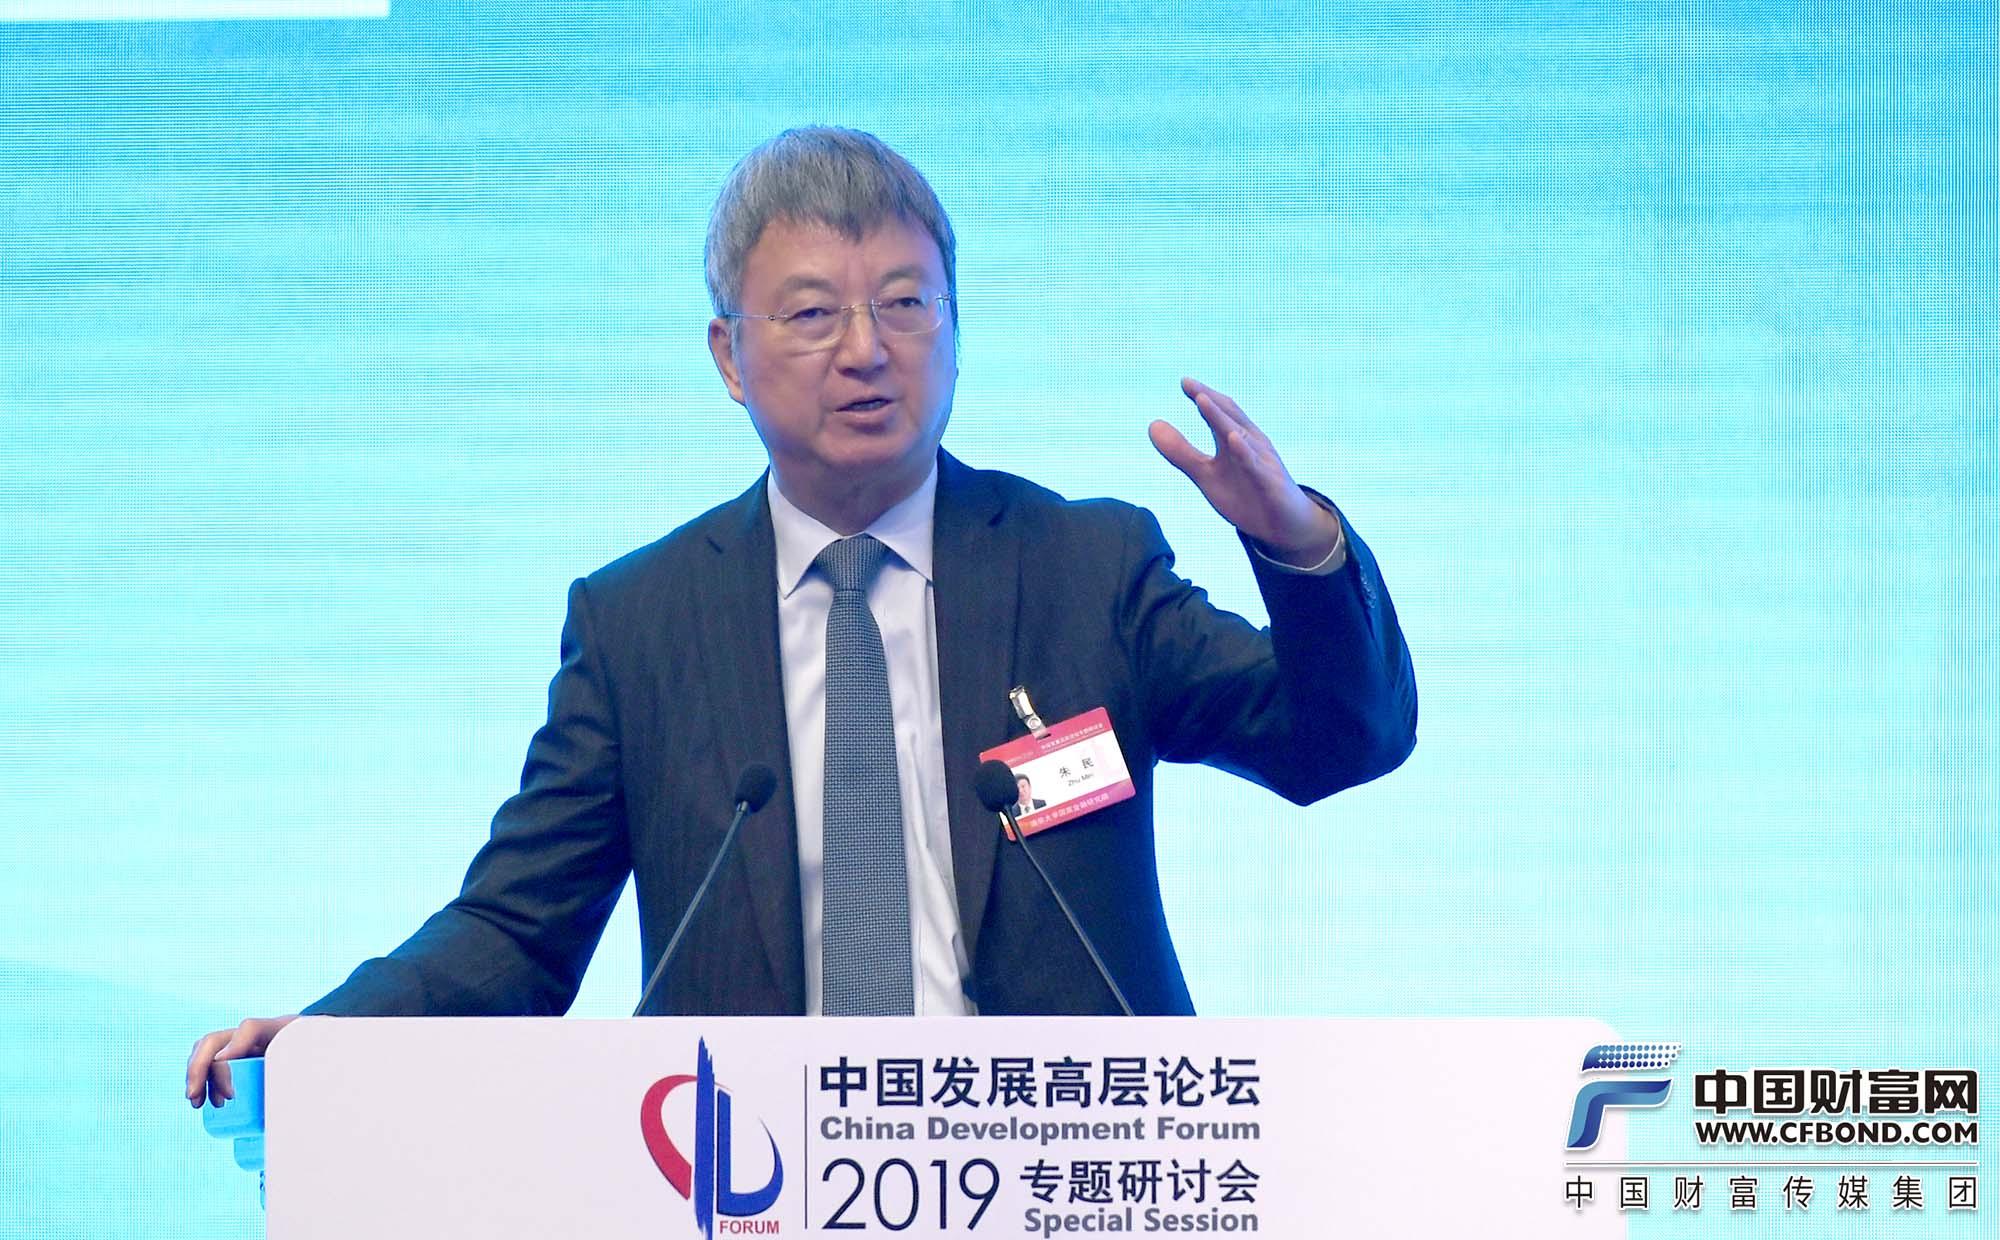 清华大学国家金融研究院院长朱民发言